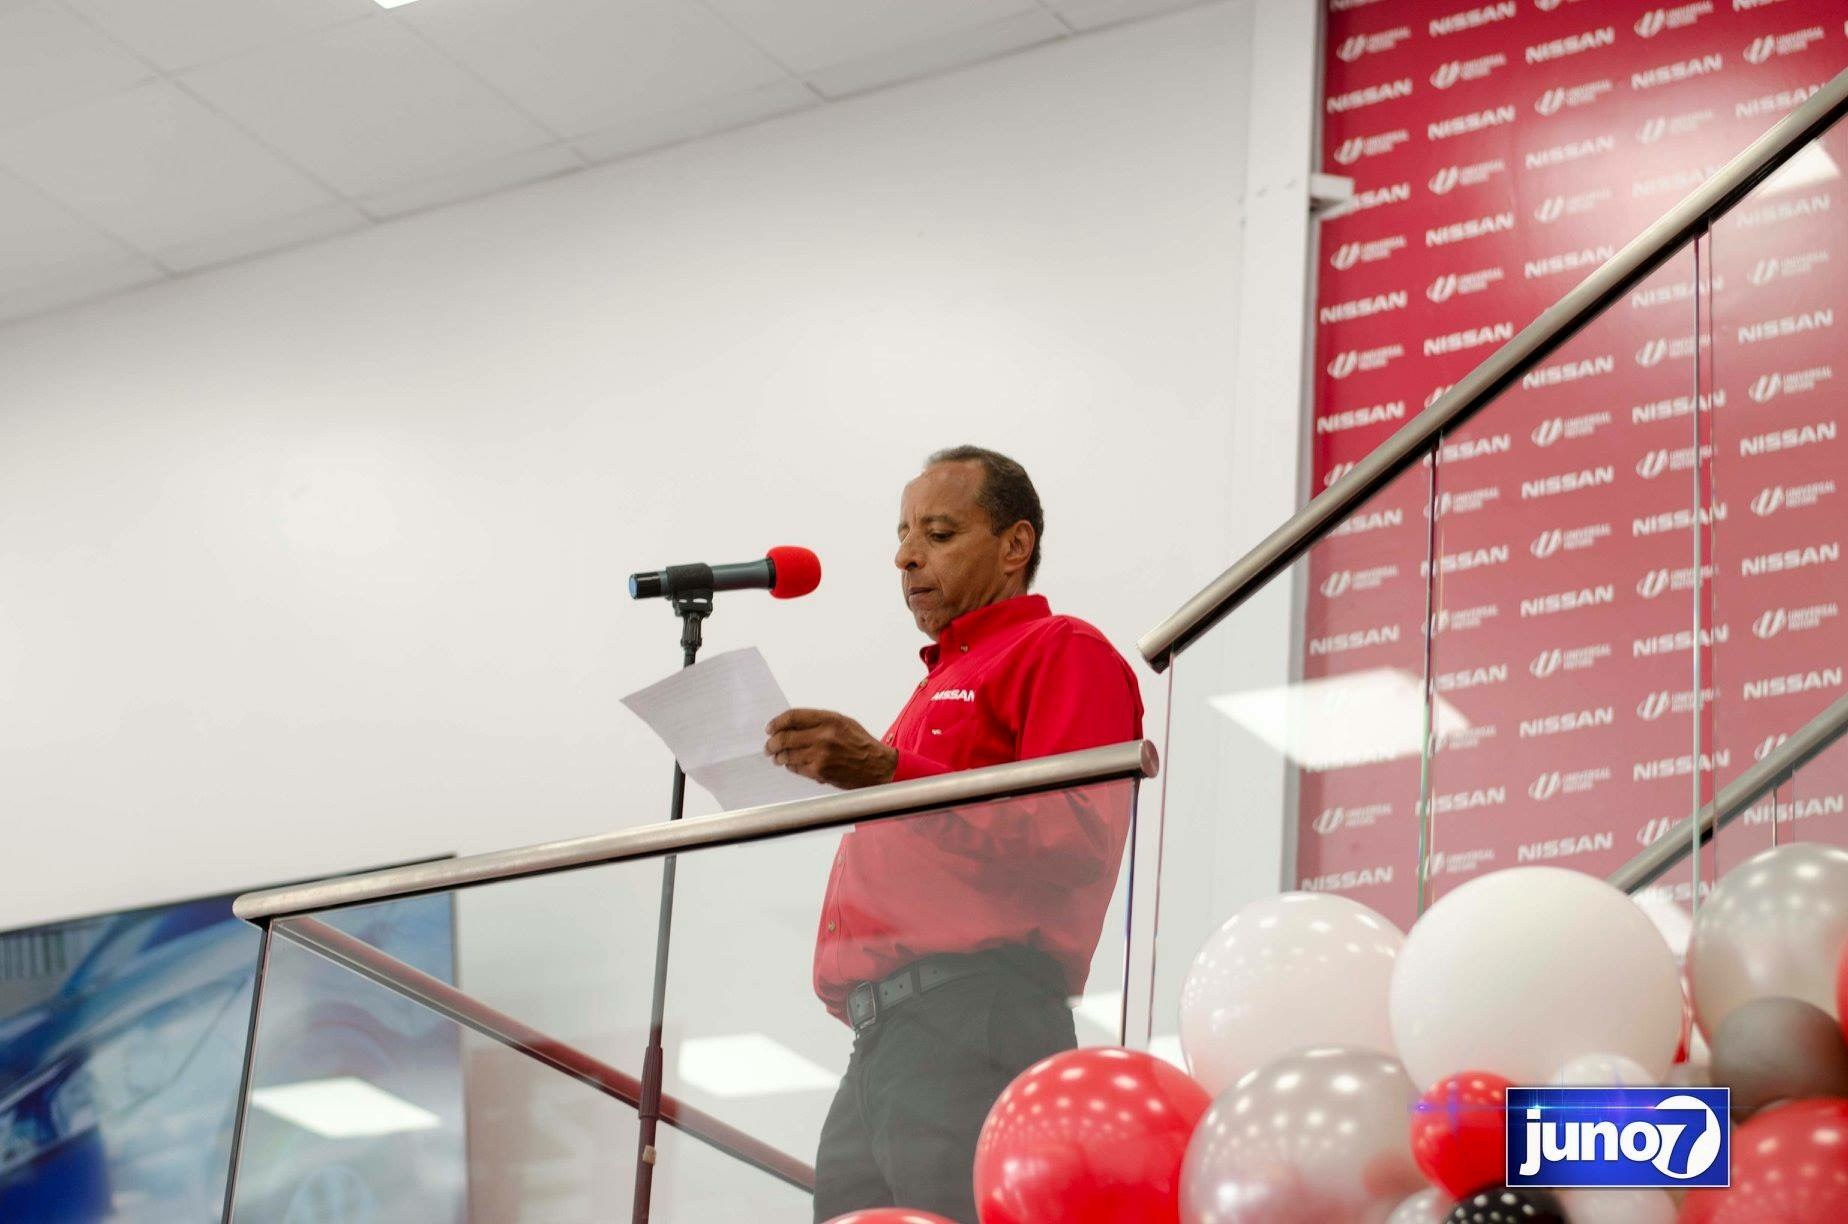 La Nissan Universal Motors inaugure le plus grand showroom de la caraïbe et de l'Amérique latine 36